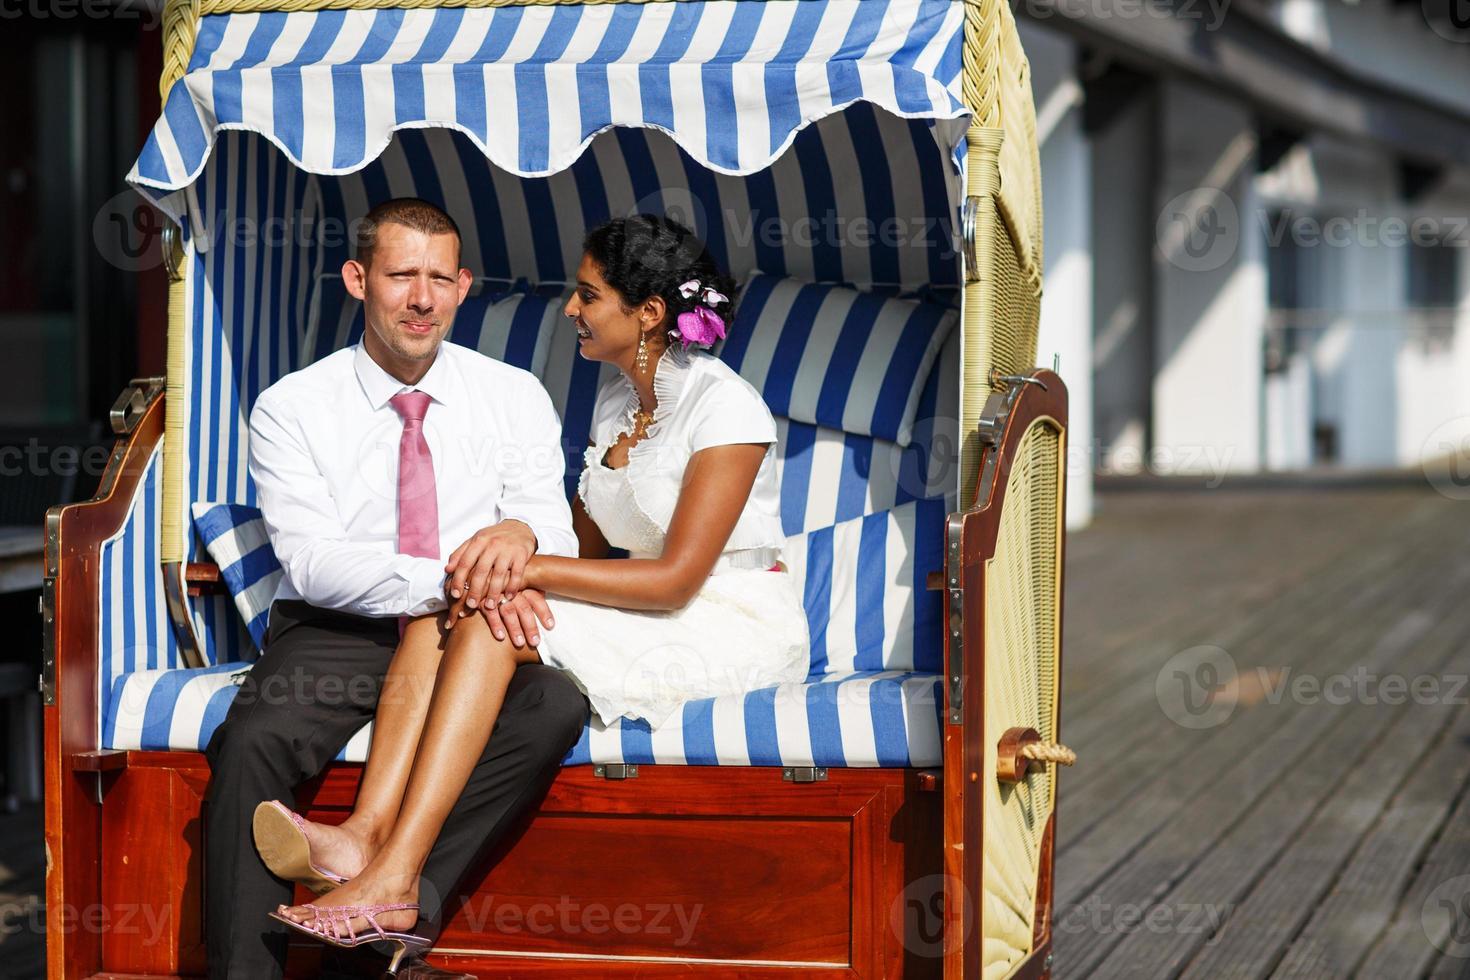 linda mulher indiana e homem caucasiano, na cadeira de praia. foto